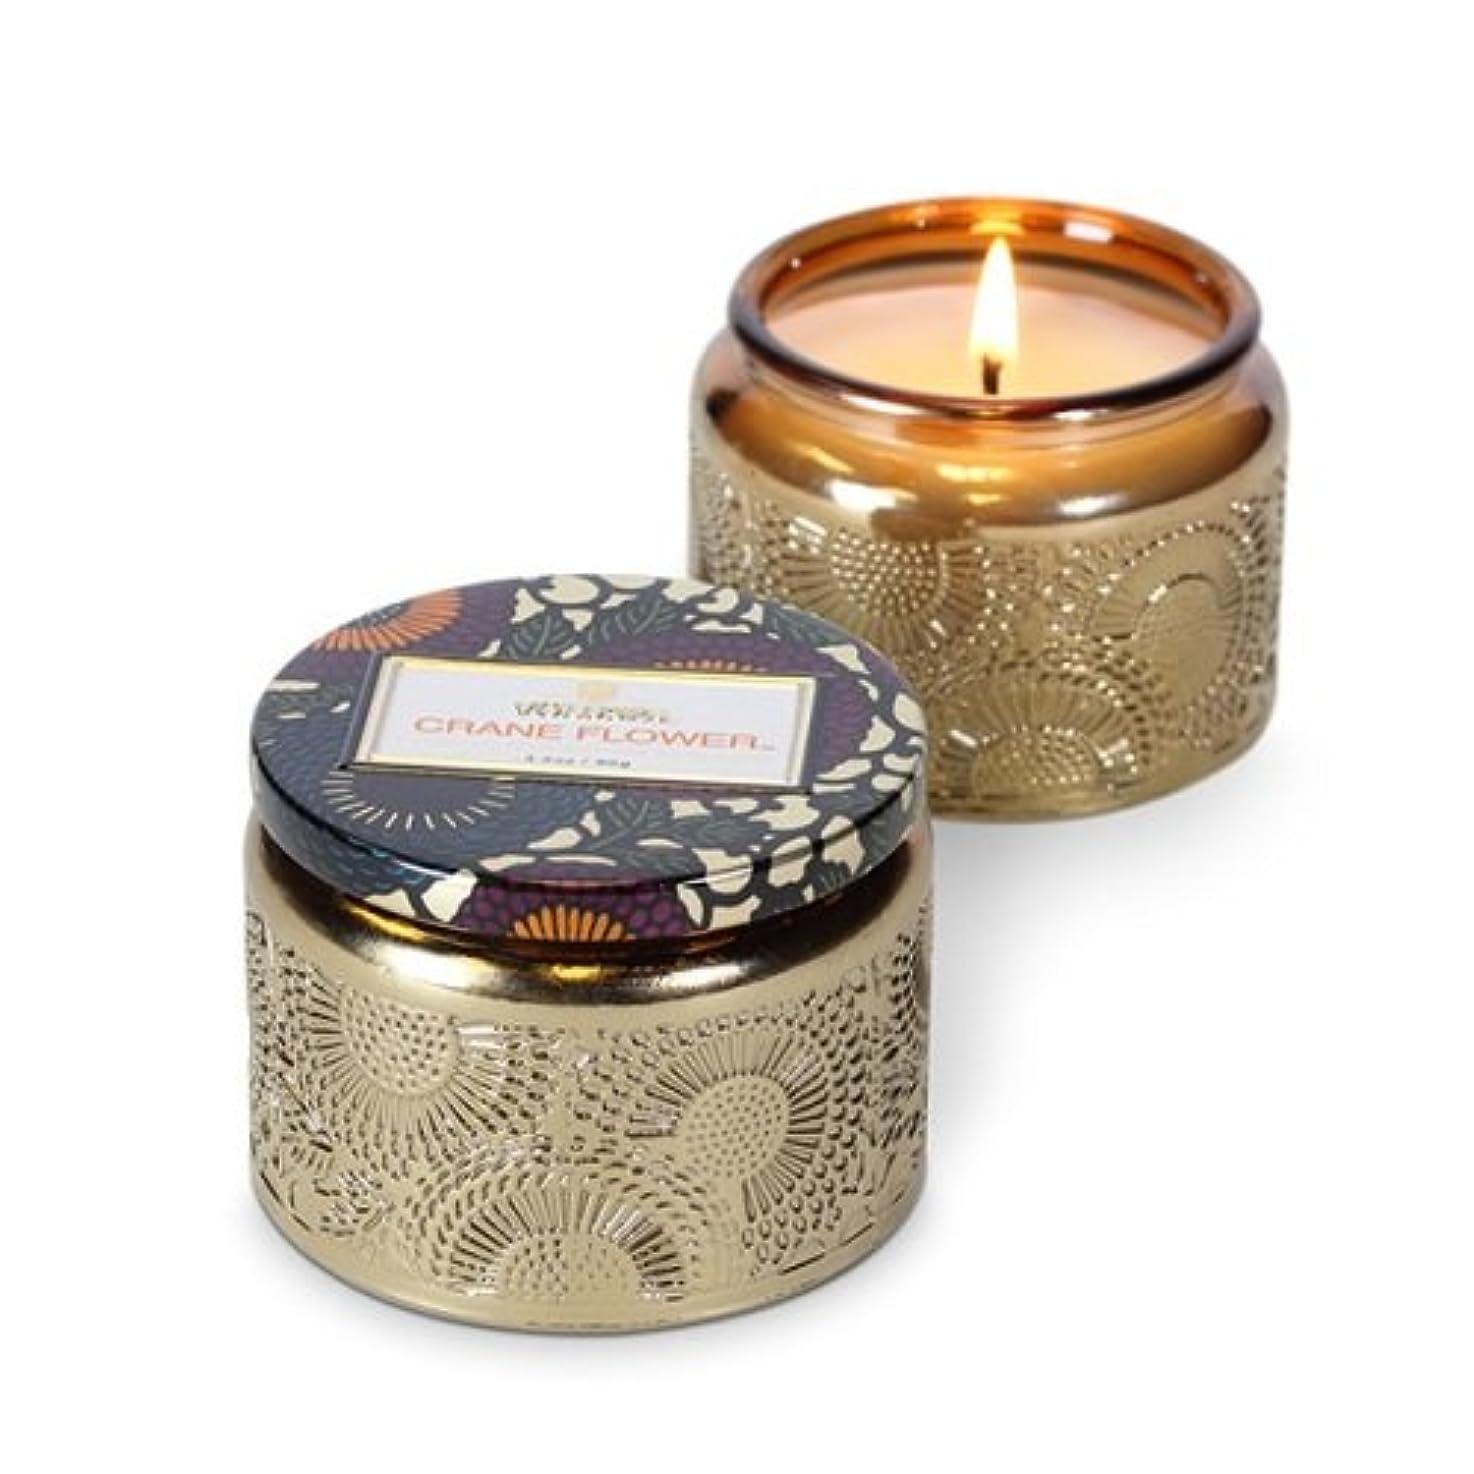 上にデータム万歳Voluspa ボルスパ ジャポニカ グラスジャーキャンドル S クレーンフラワー JAPONICA Glass jar candle CRANE FLOWER